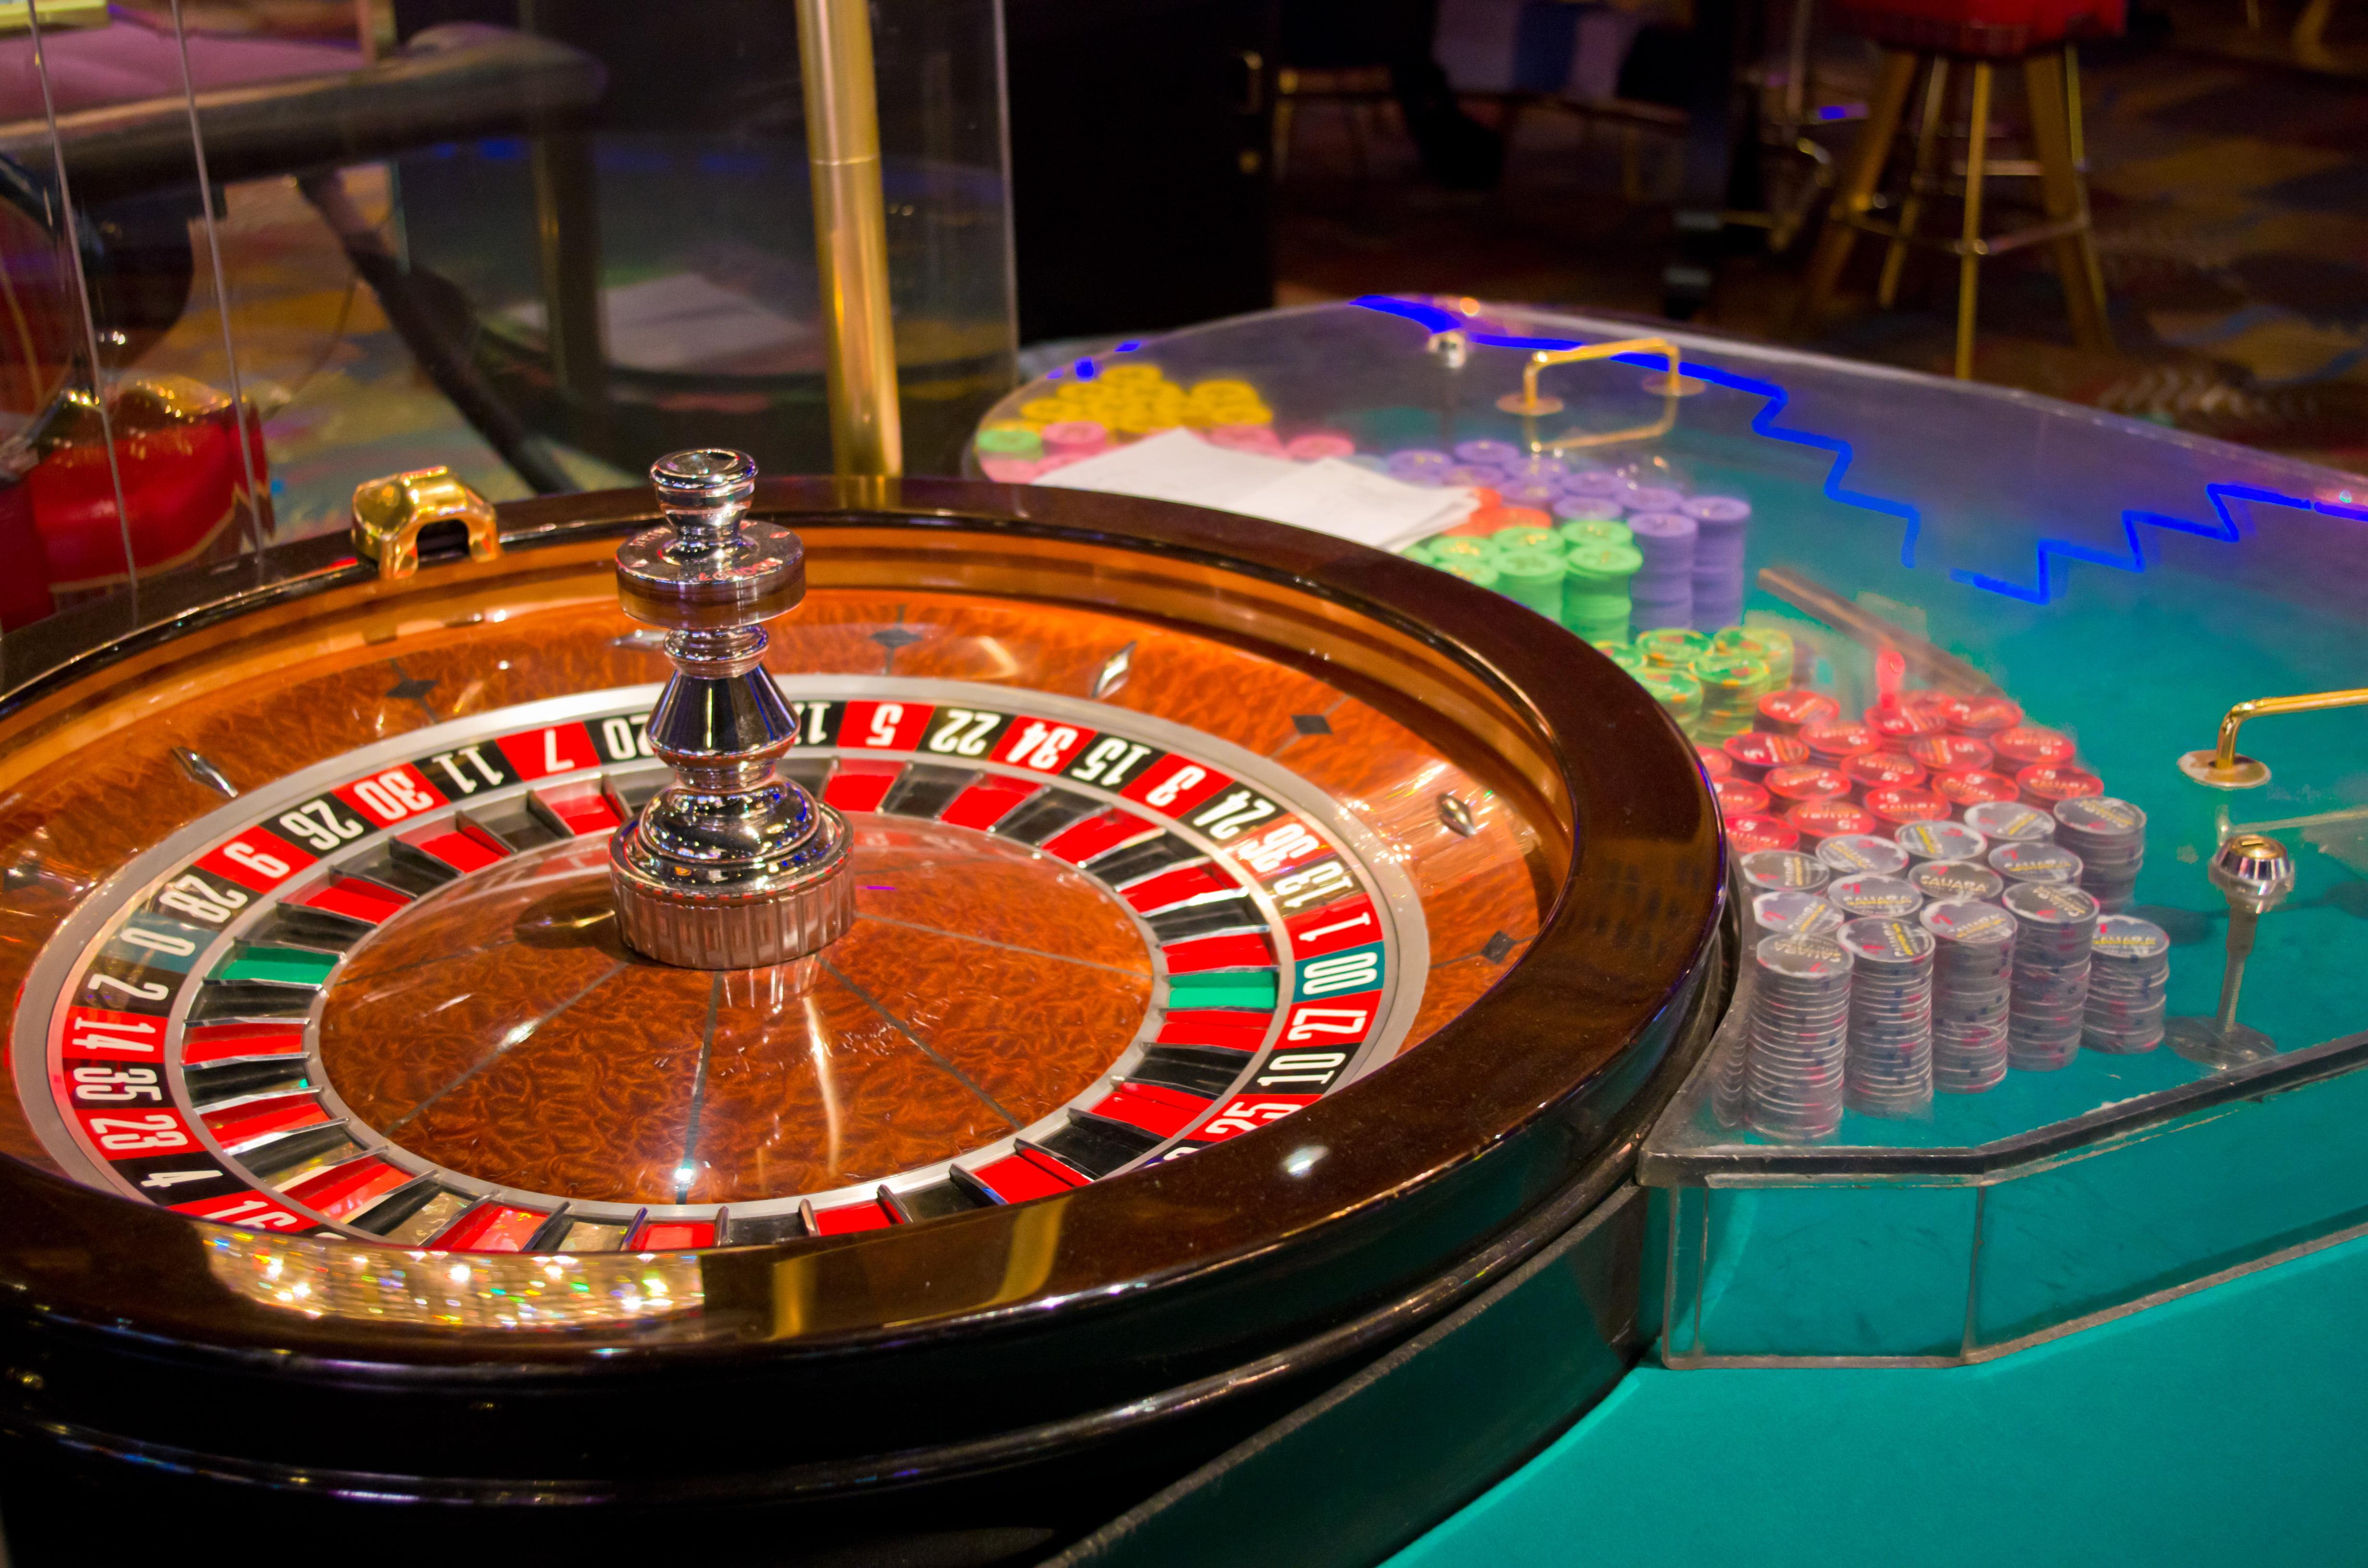 warum darf moderne black casinos spielen